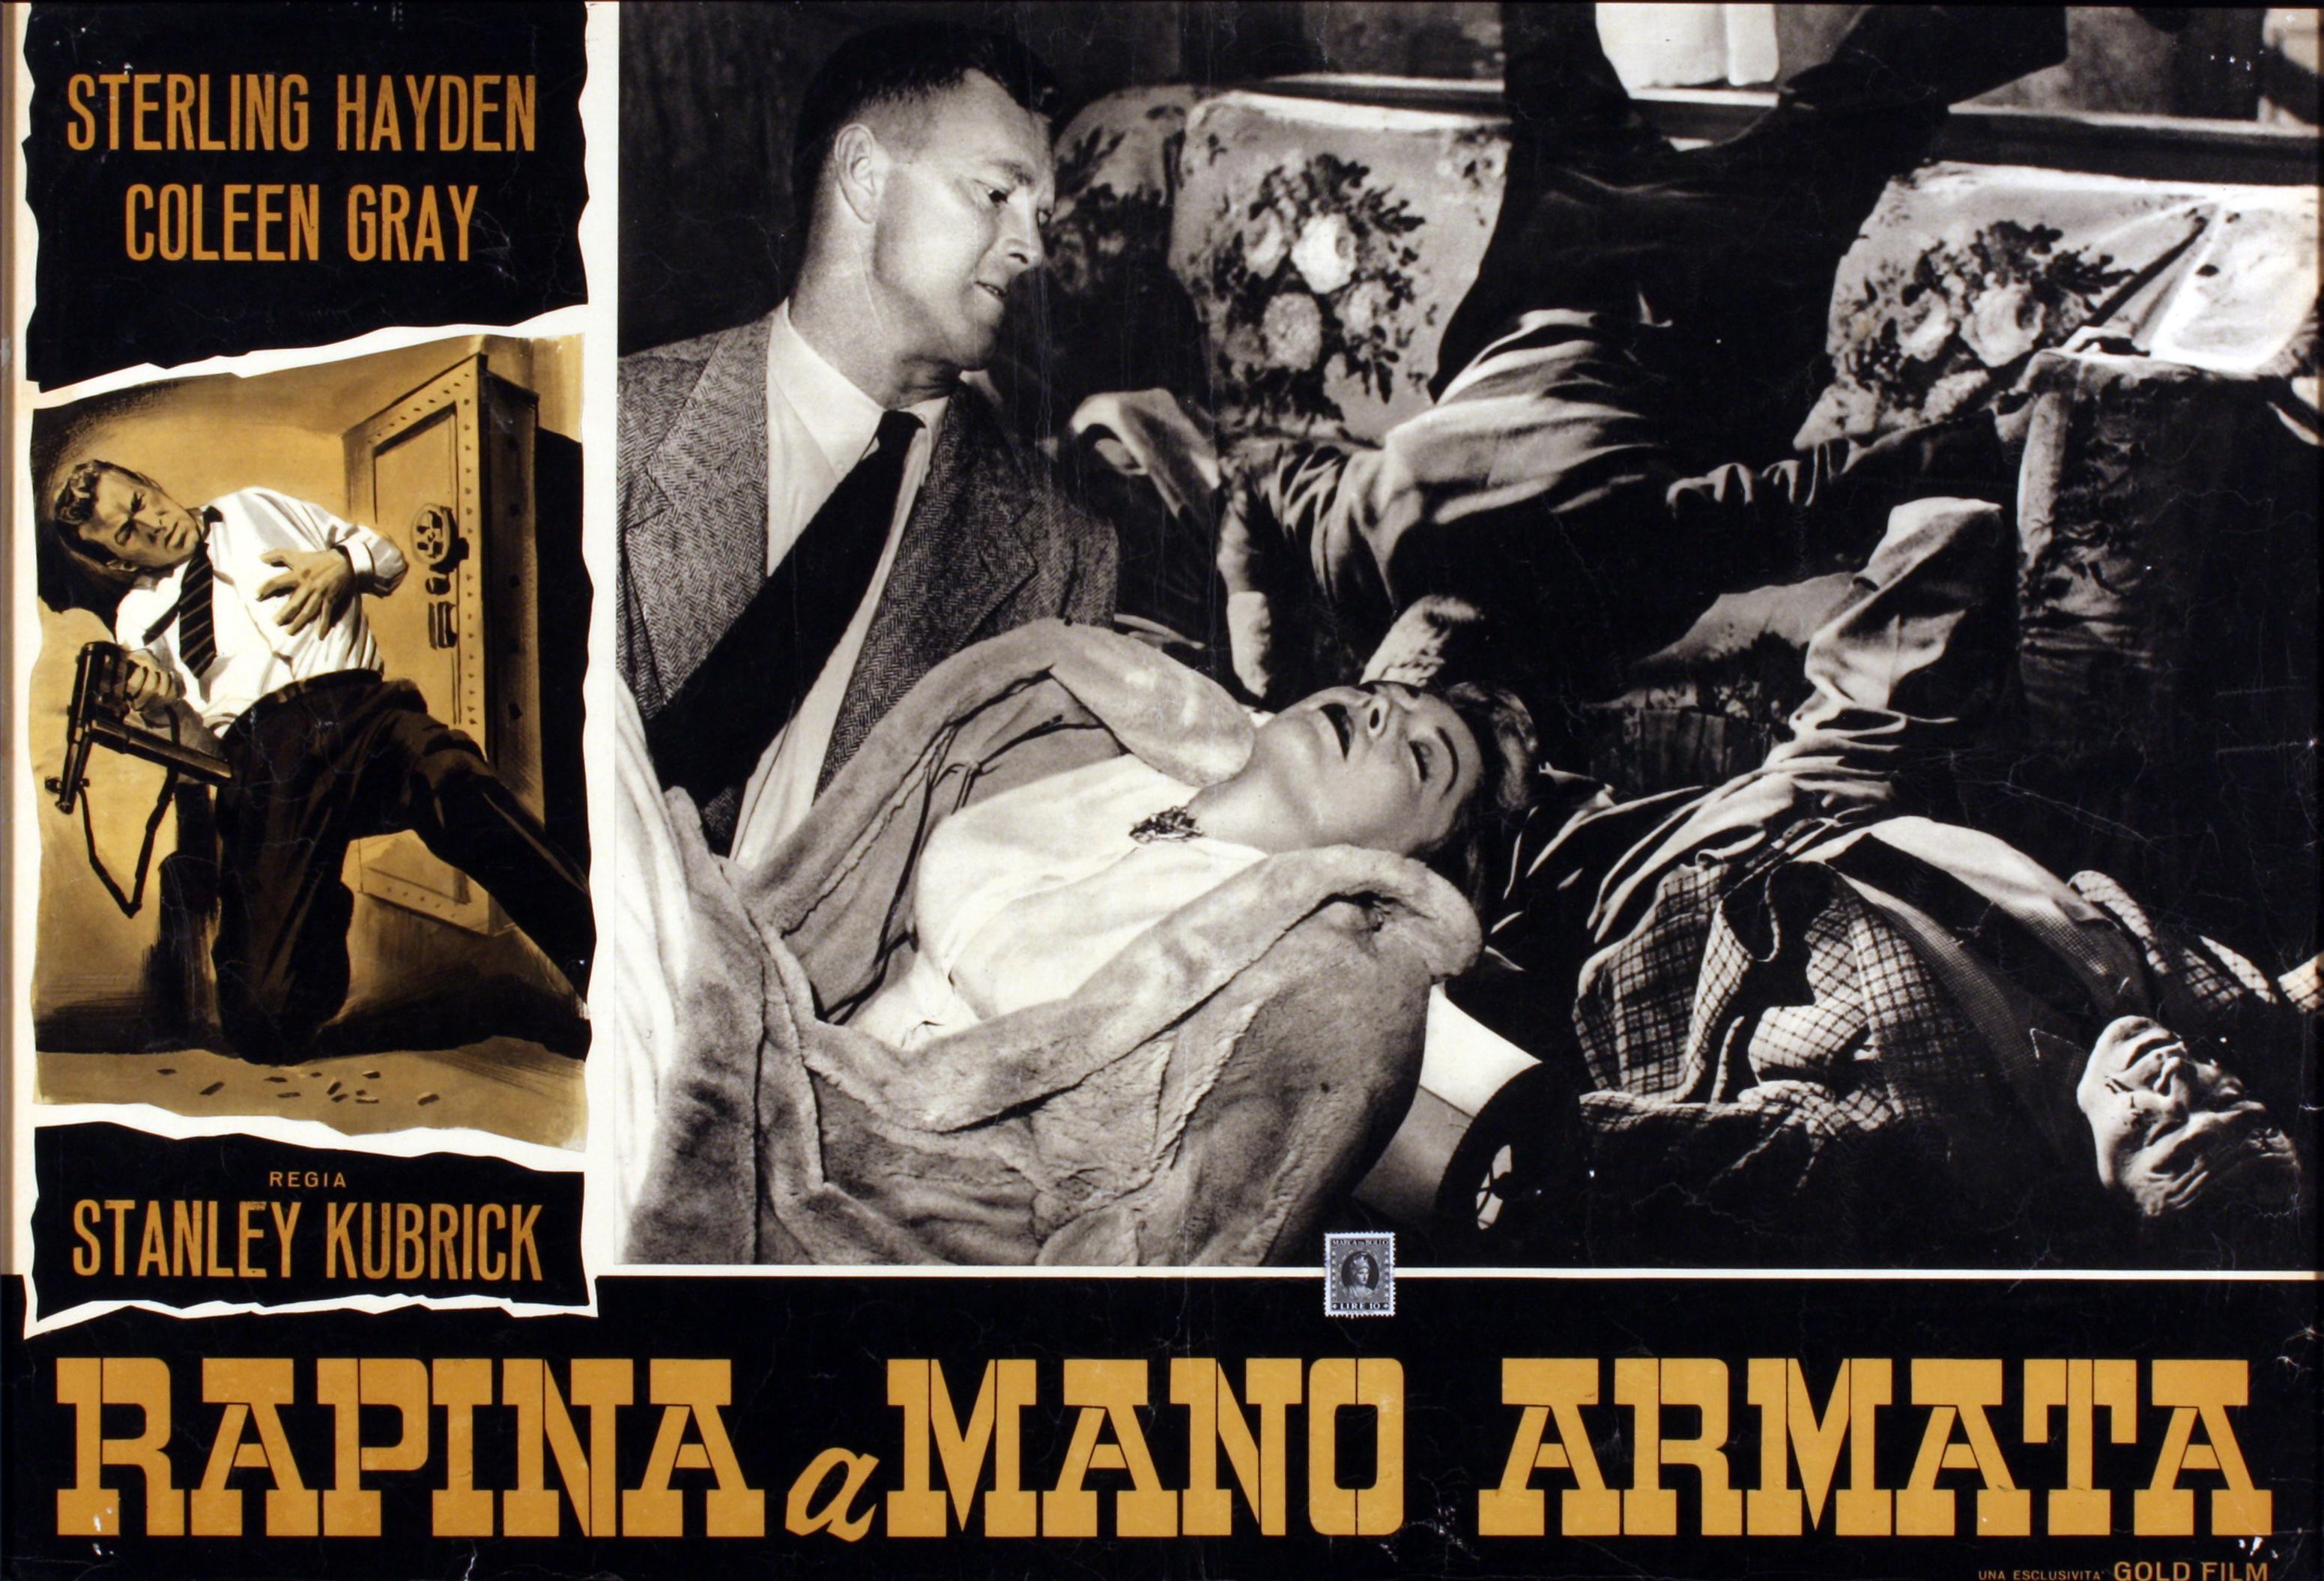 Rapina a mano armata (The Killing) di Stanley Kubrick – Fotobusta della Goldfilm Anni '50